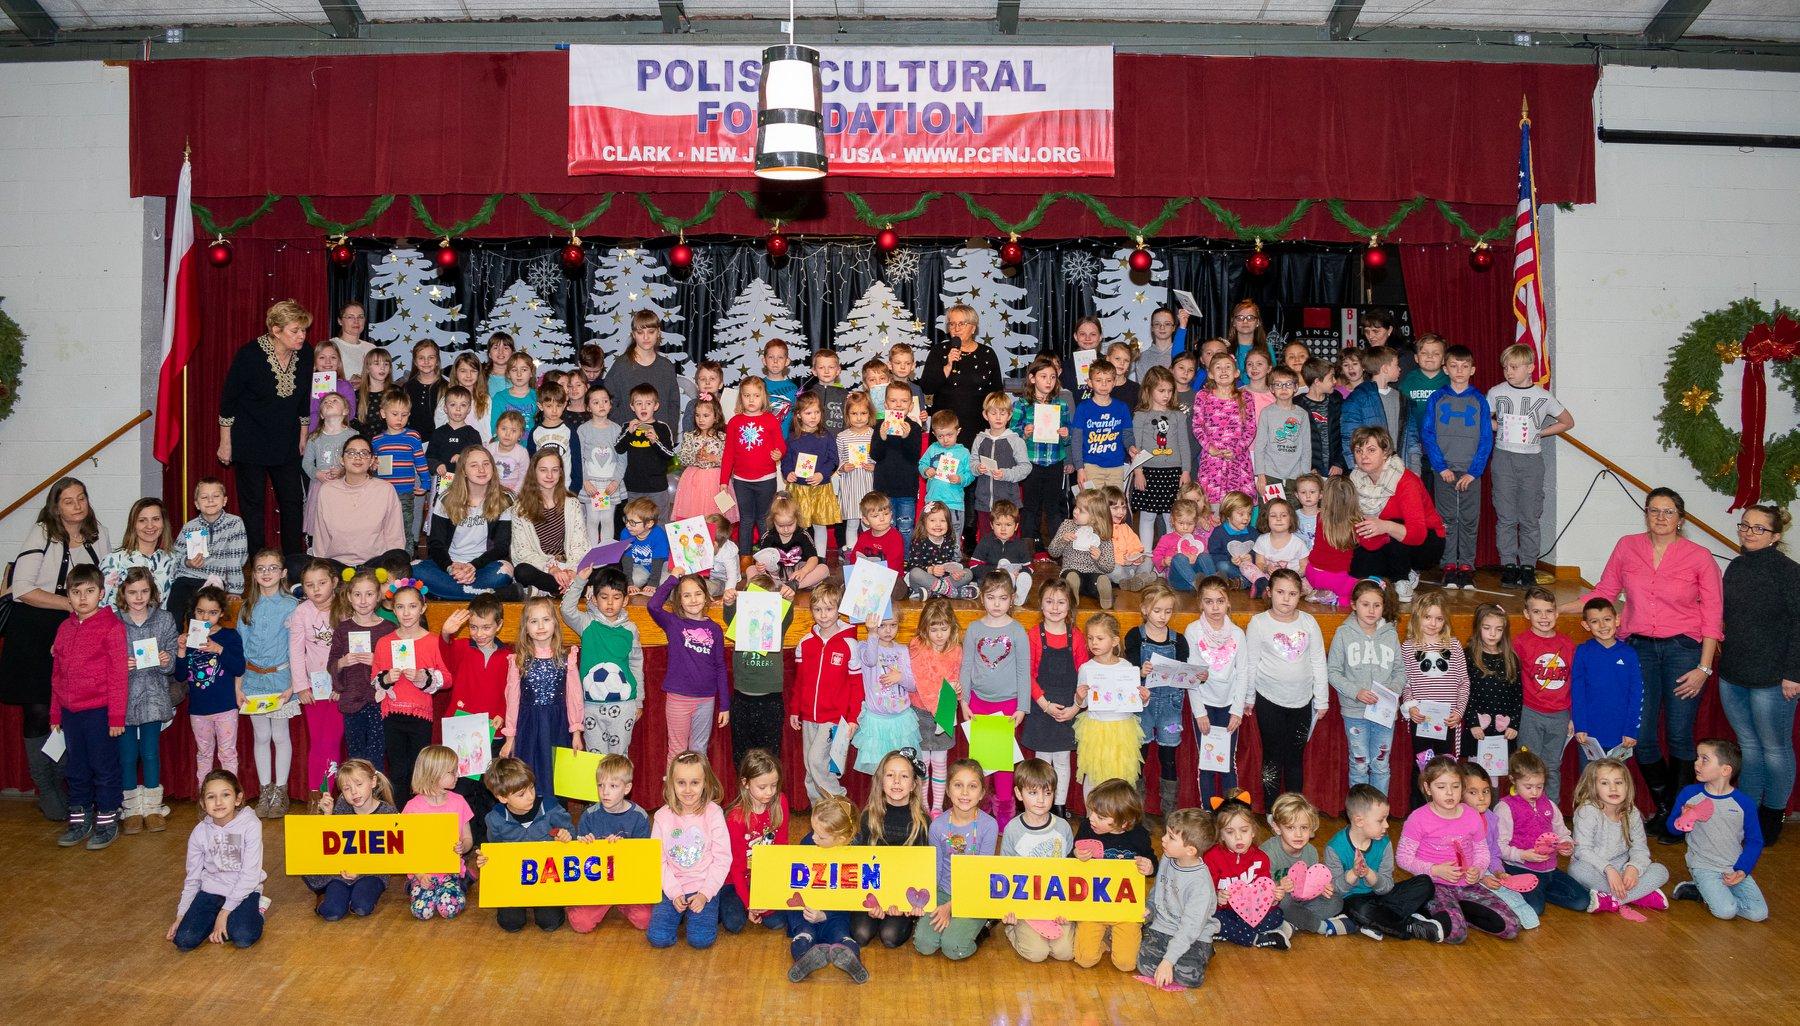 Polonijne dzieci obchodziły Święto Babci i Dziadka w Clark, NJ